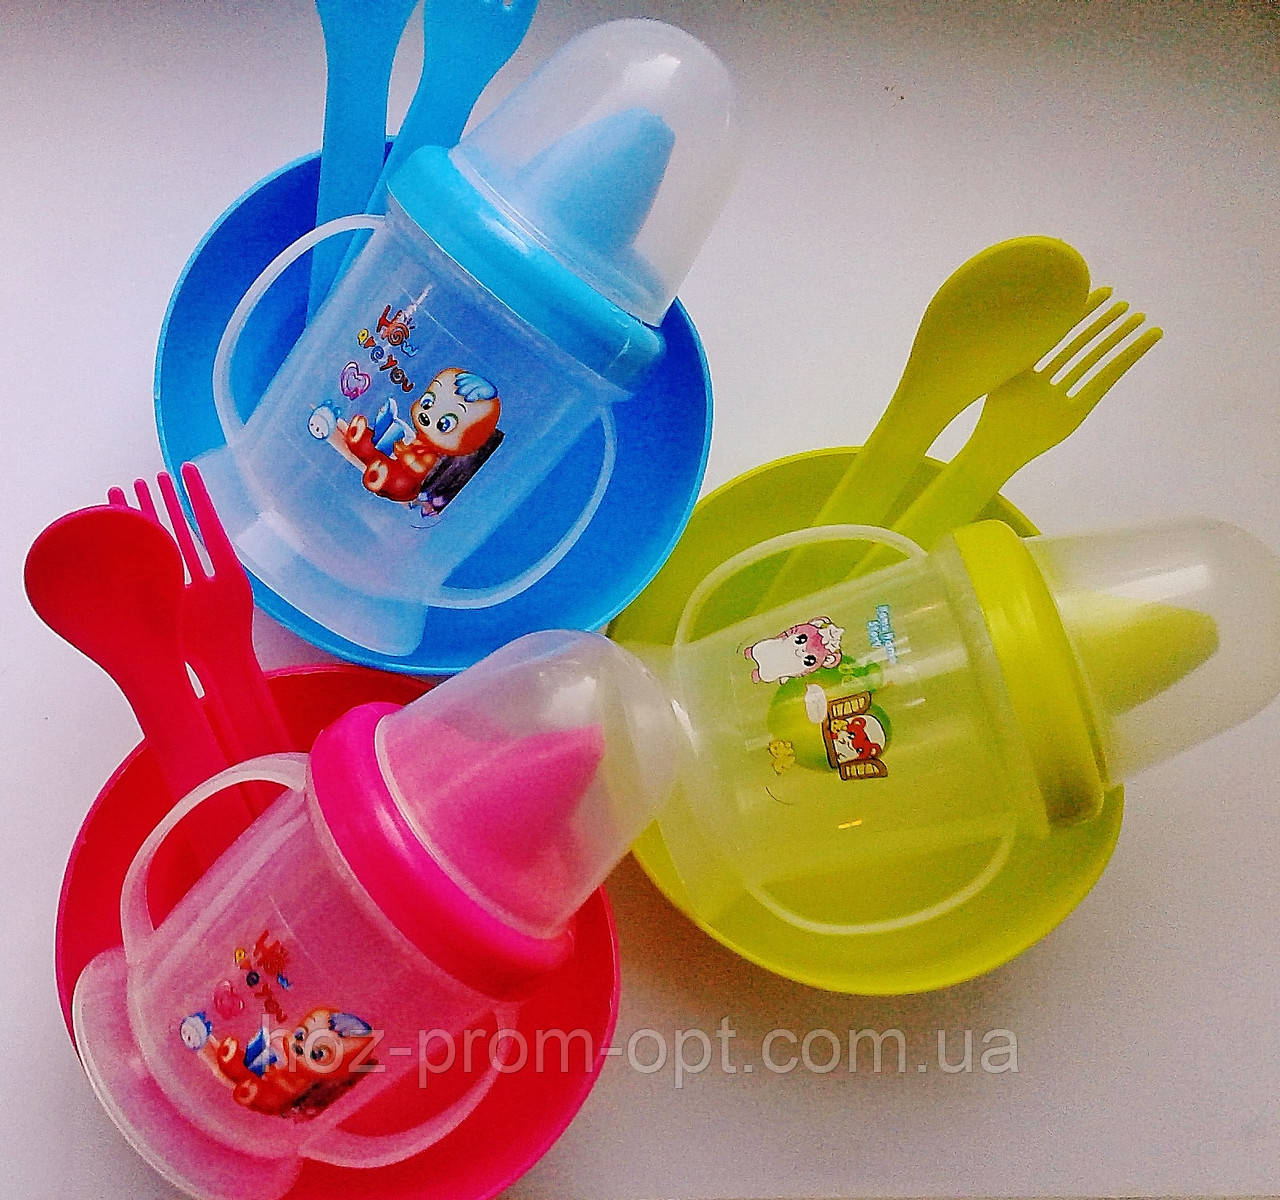 Набор детской посуды 4 предмета: поилочка, мисочка, ложечка и вилочка.